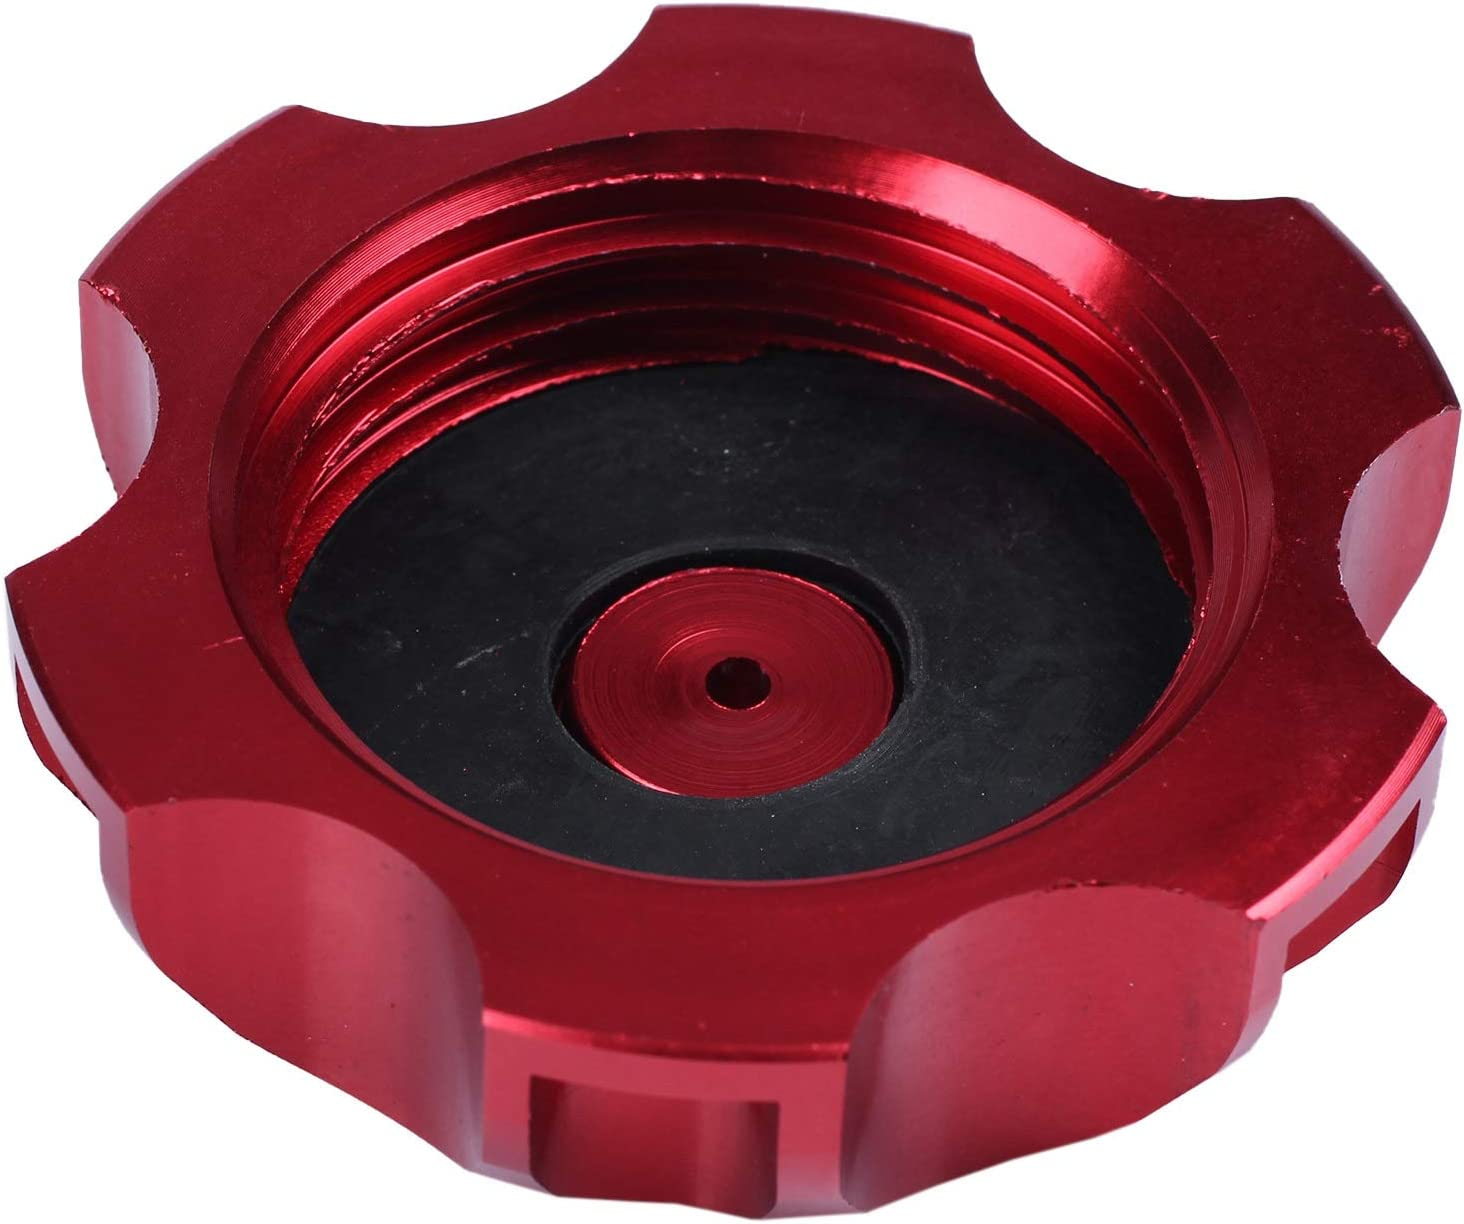 BNFUK 48mm CNC cap fuel tank vent valve CAP minimoto Quad 90cc to 125CC red